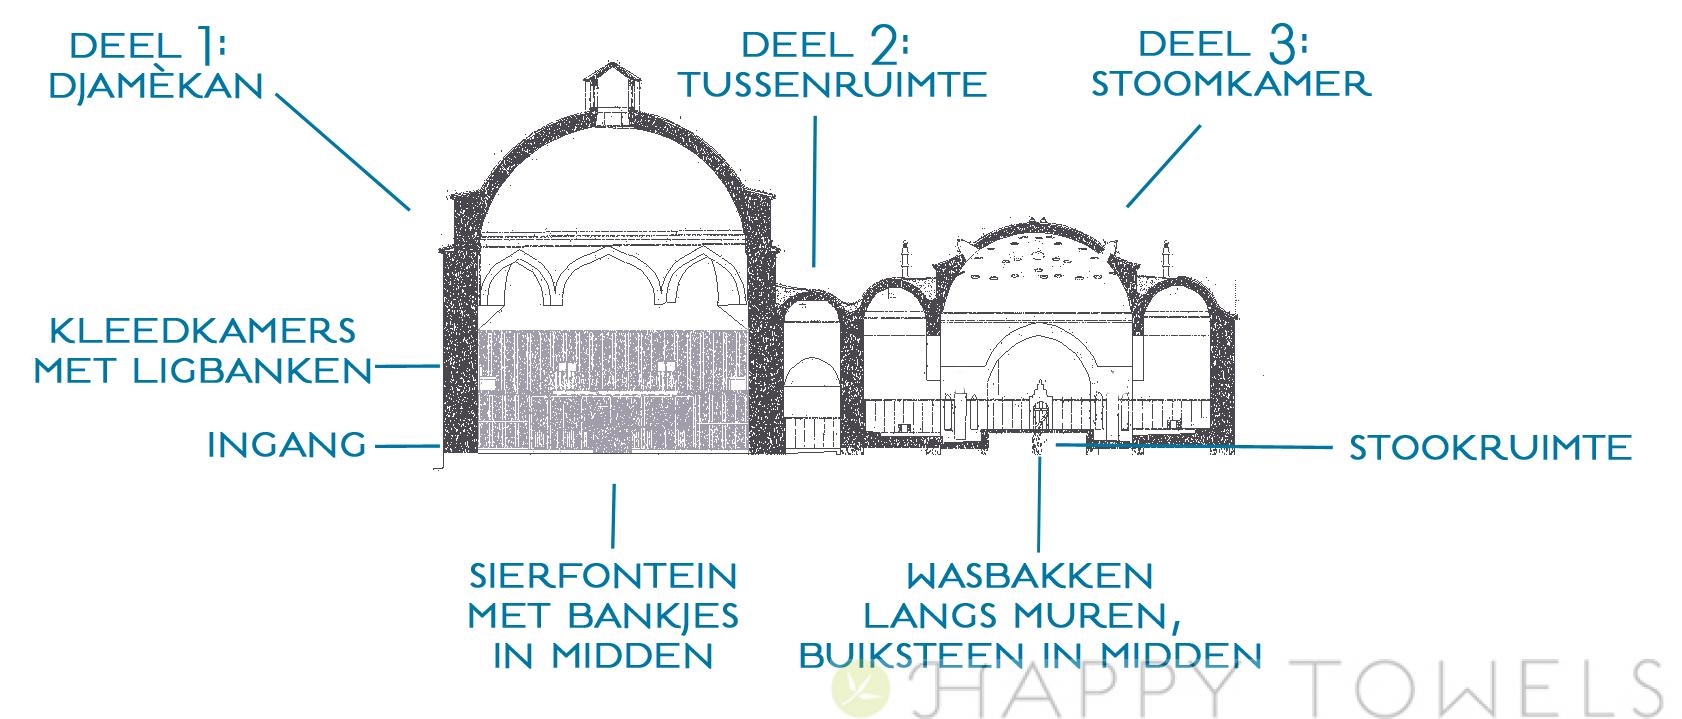 hamam-doorsnede: waar komen hamamdoeken vandaan?